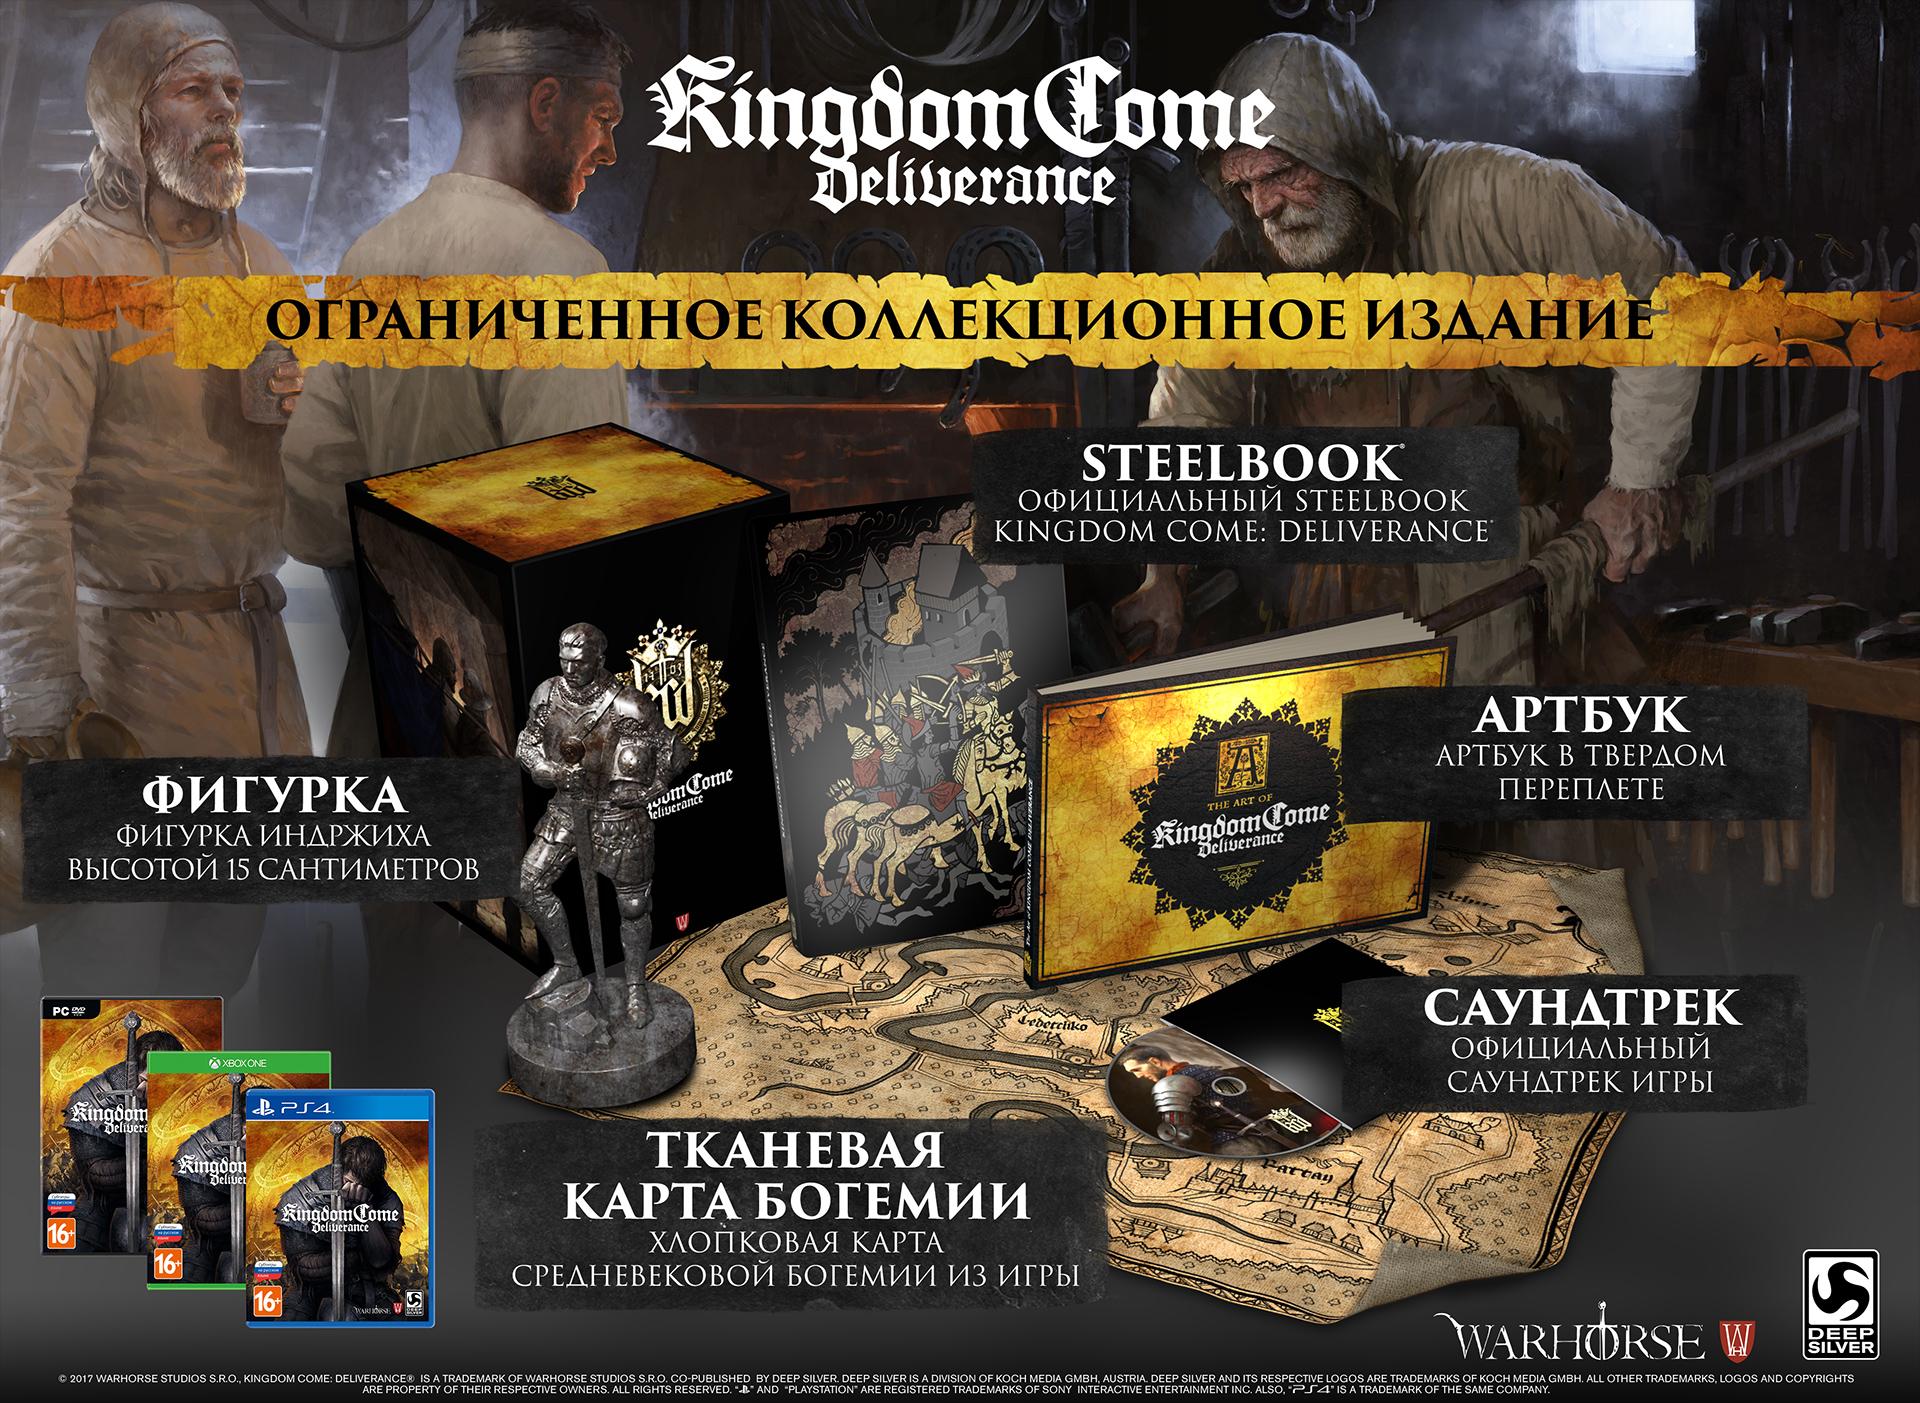 Варианты изданий Kingdom Come: Deliverance